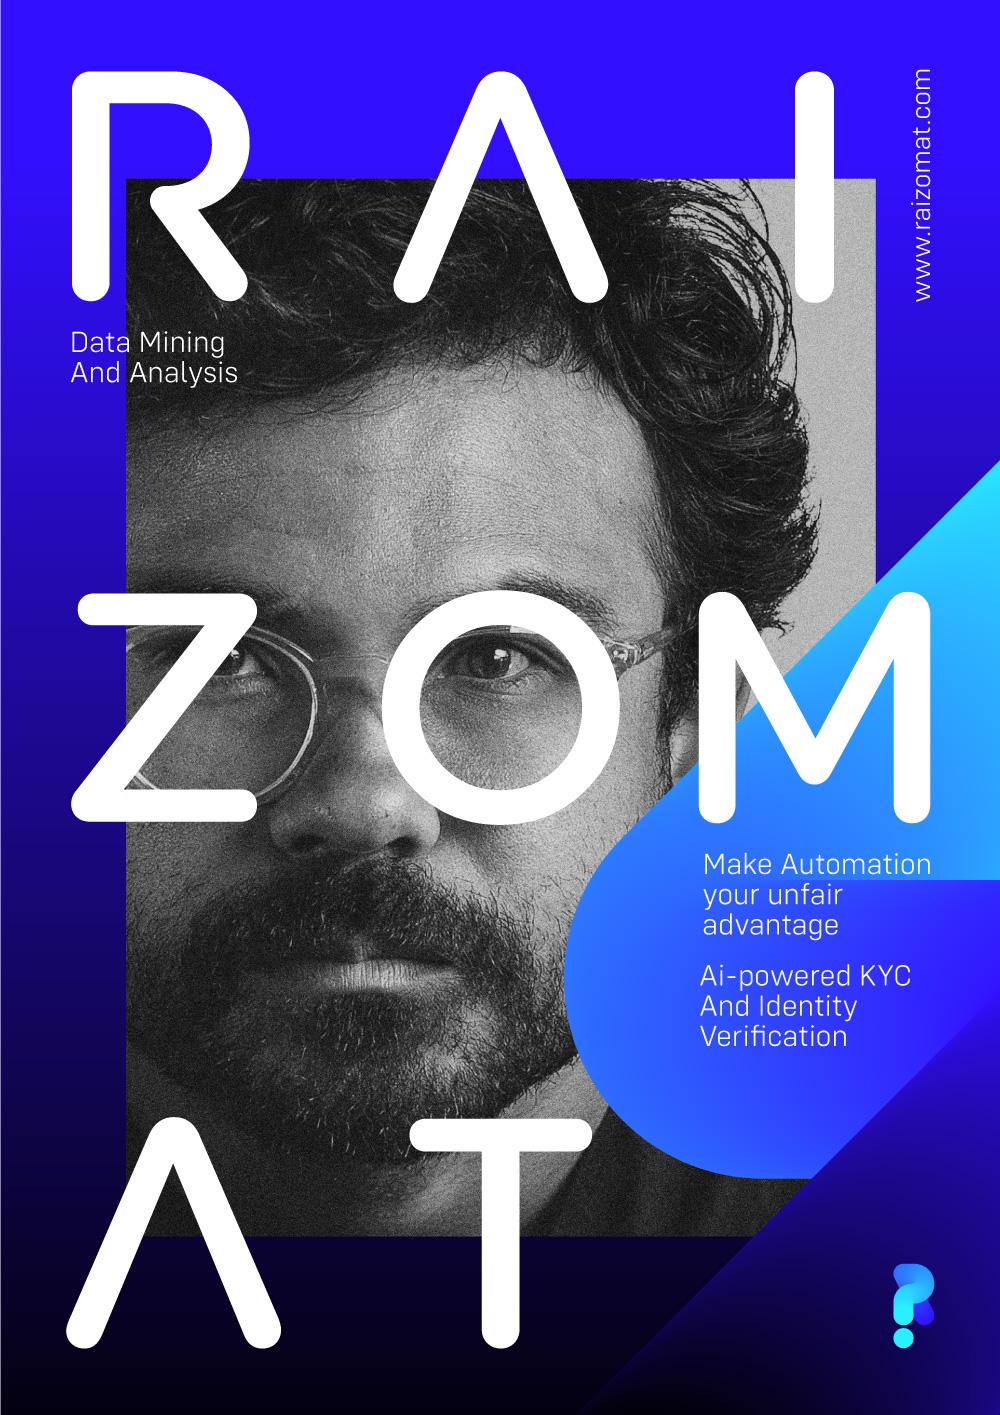 Raizomat_Poster_New_V1_1K_q80_03